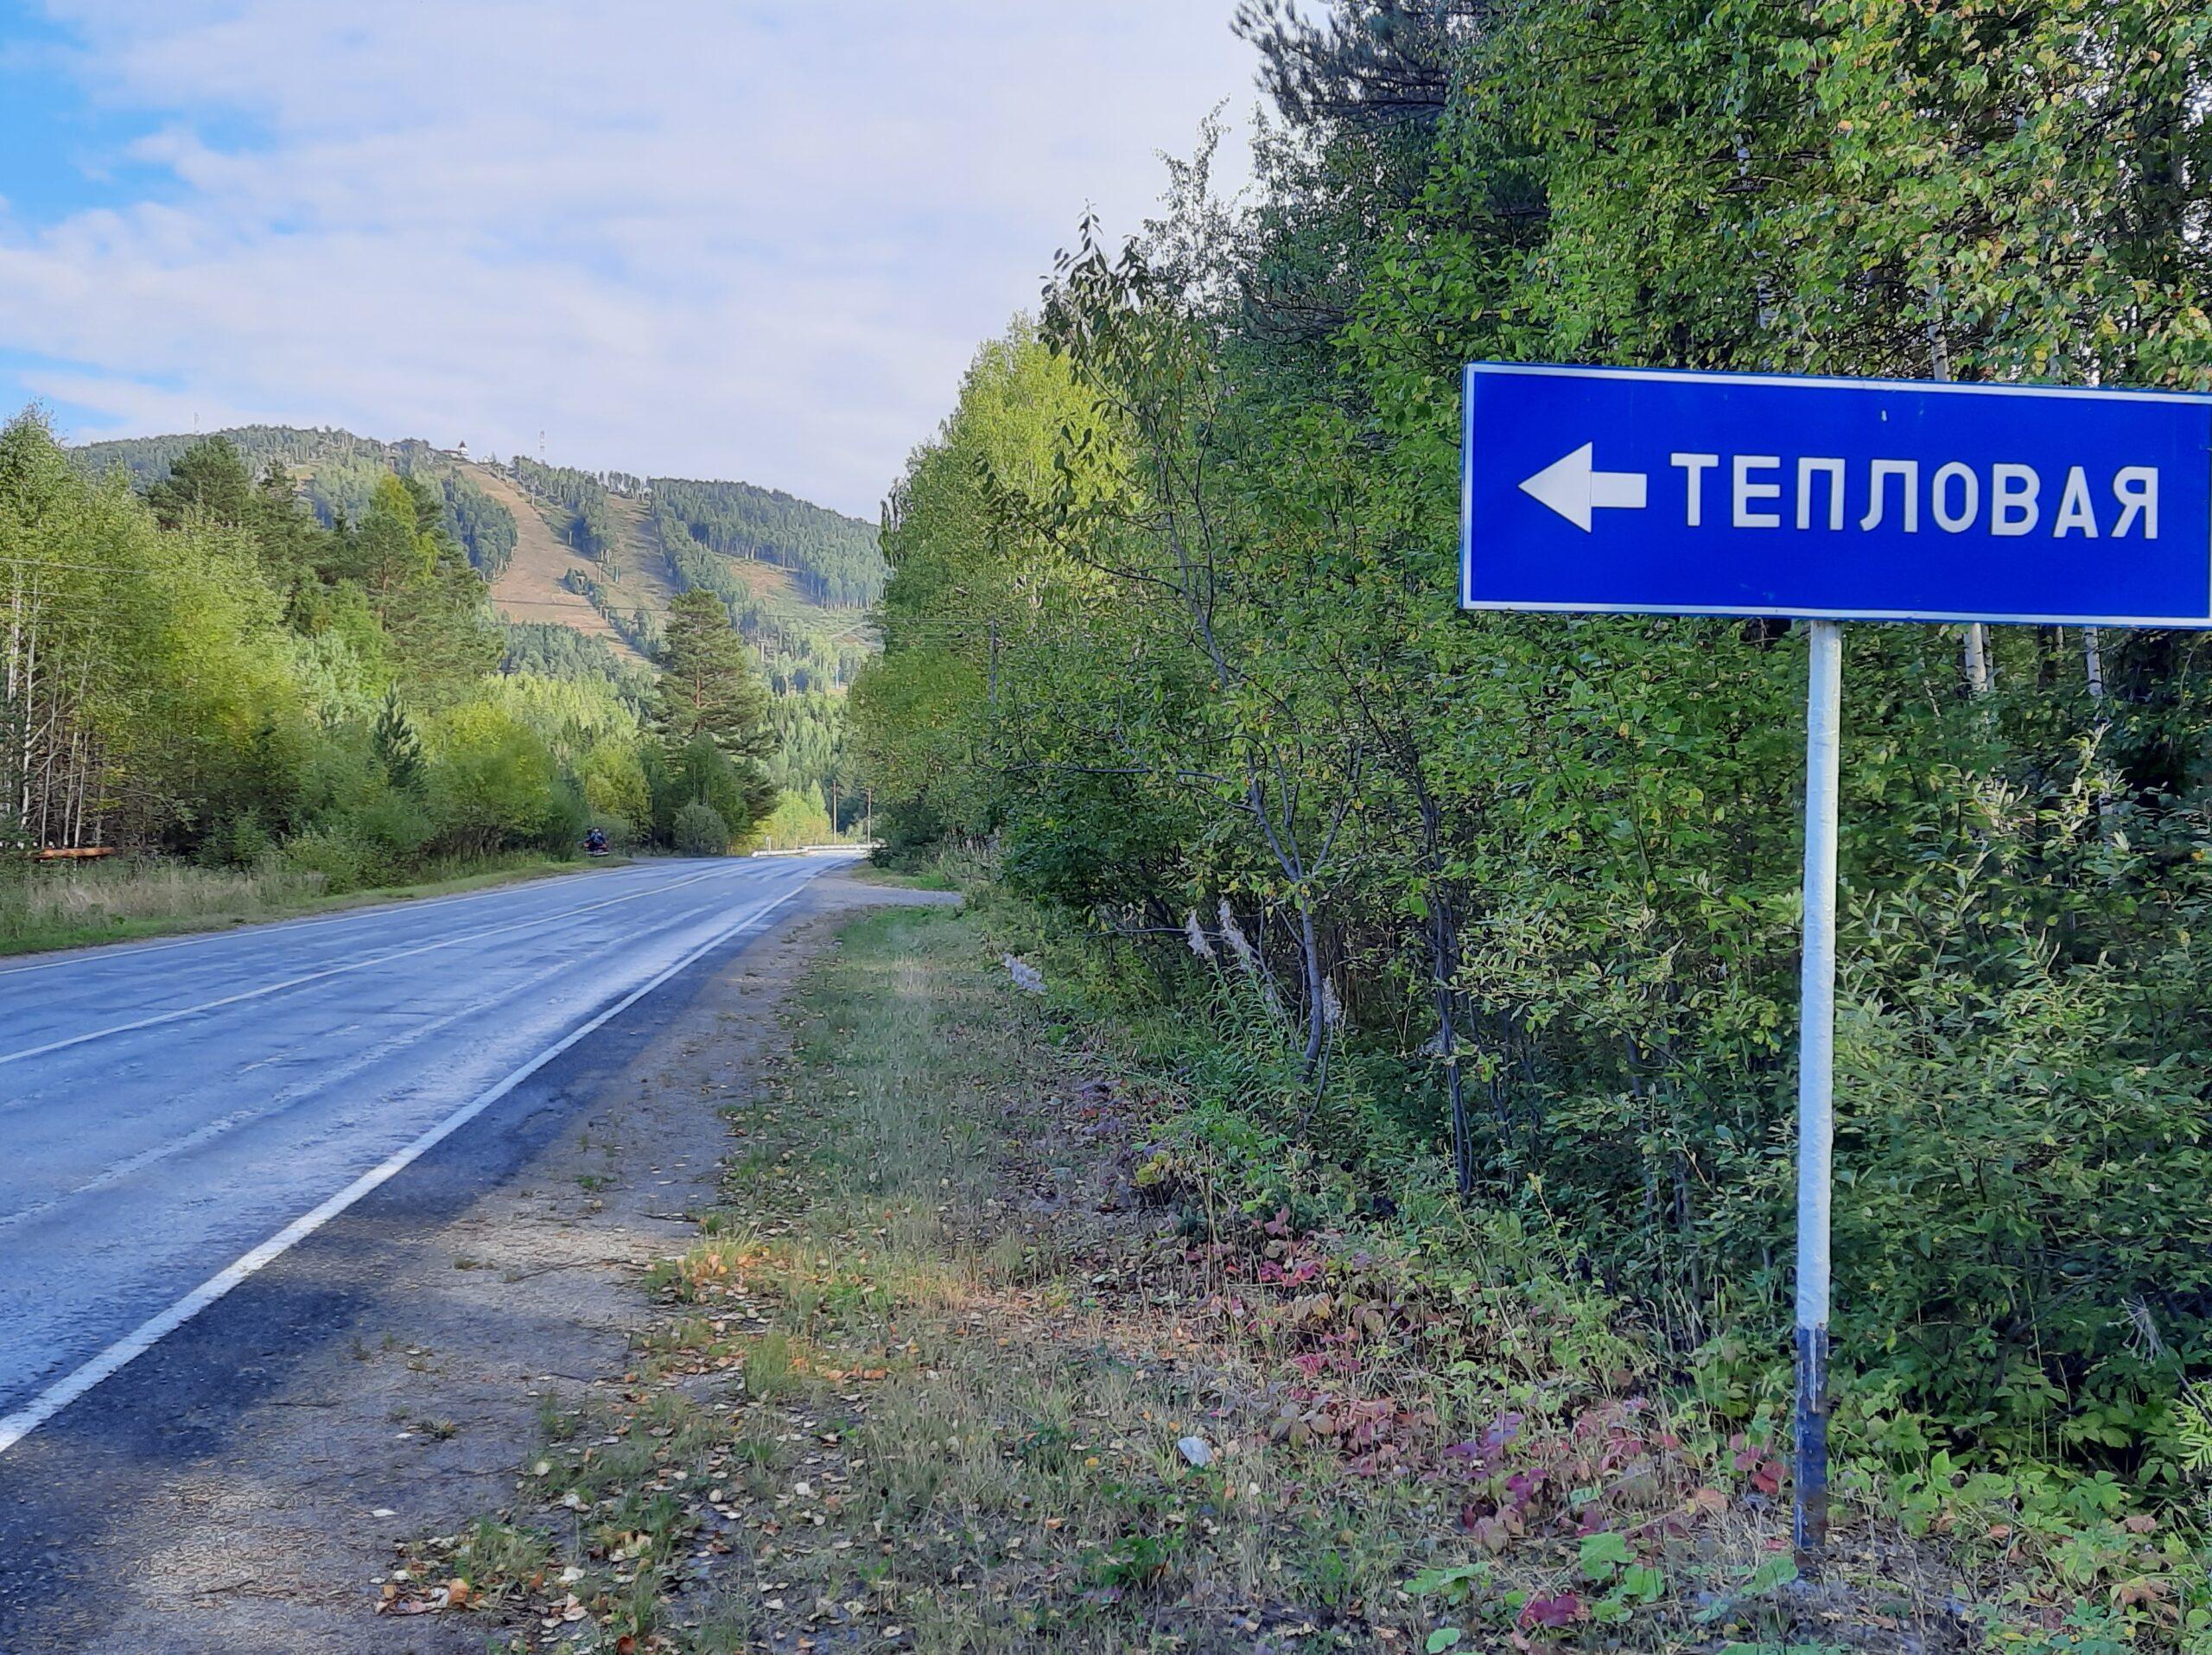 Свердловская область, Веселые горы, маршрут выходного дня, маршрут на велосипеде, маршрут на Веселые горы, походы по Уралу, река Тагил, Нижний Тагил, Потная гора, Старик-Камень